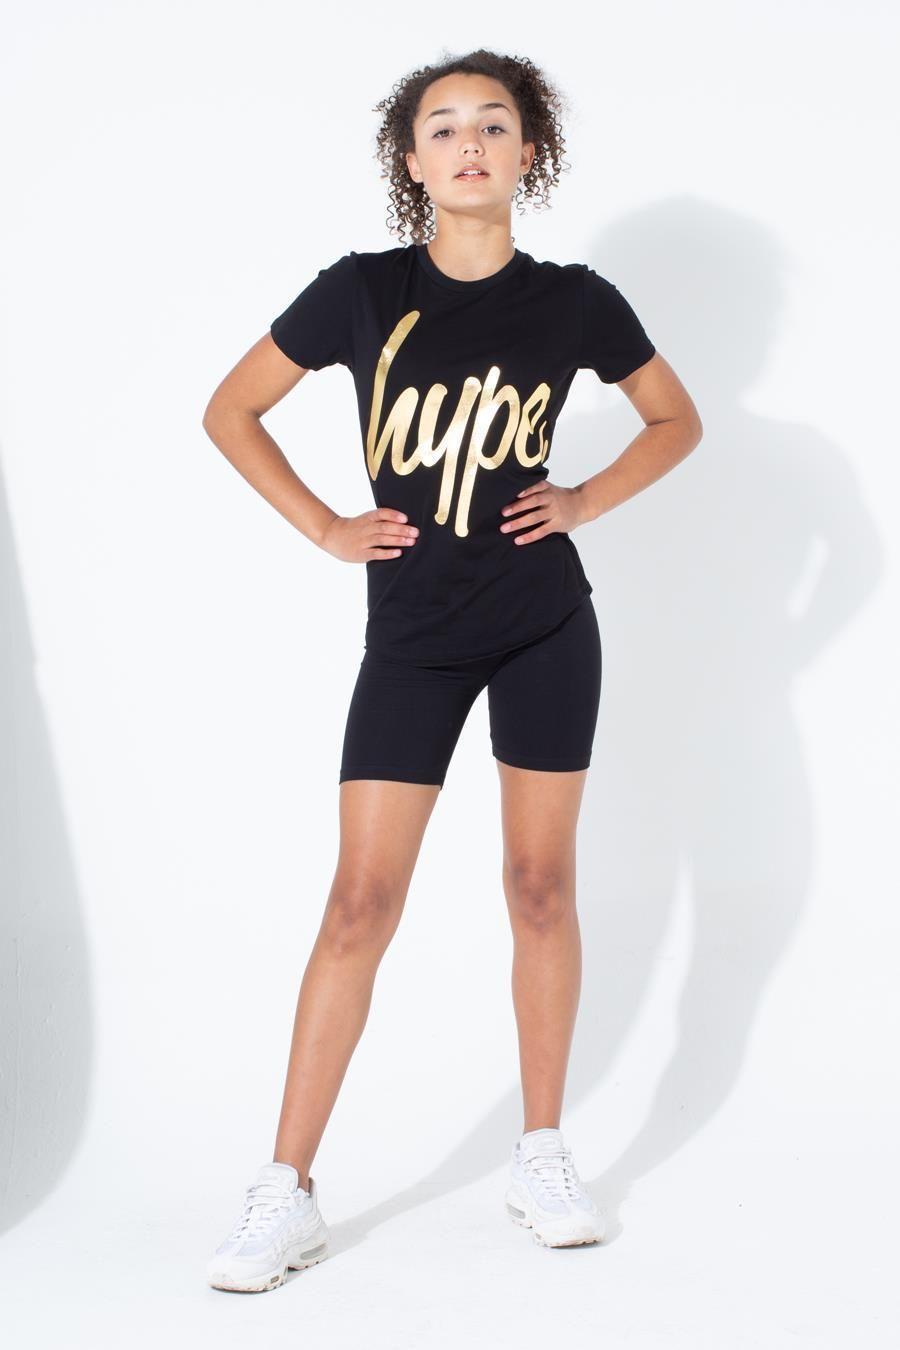 Hype Gold Metallic Script Kids T-Shirt